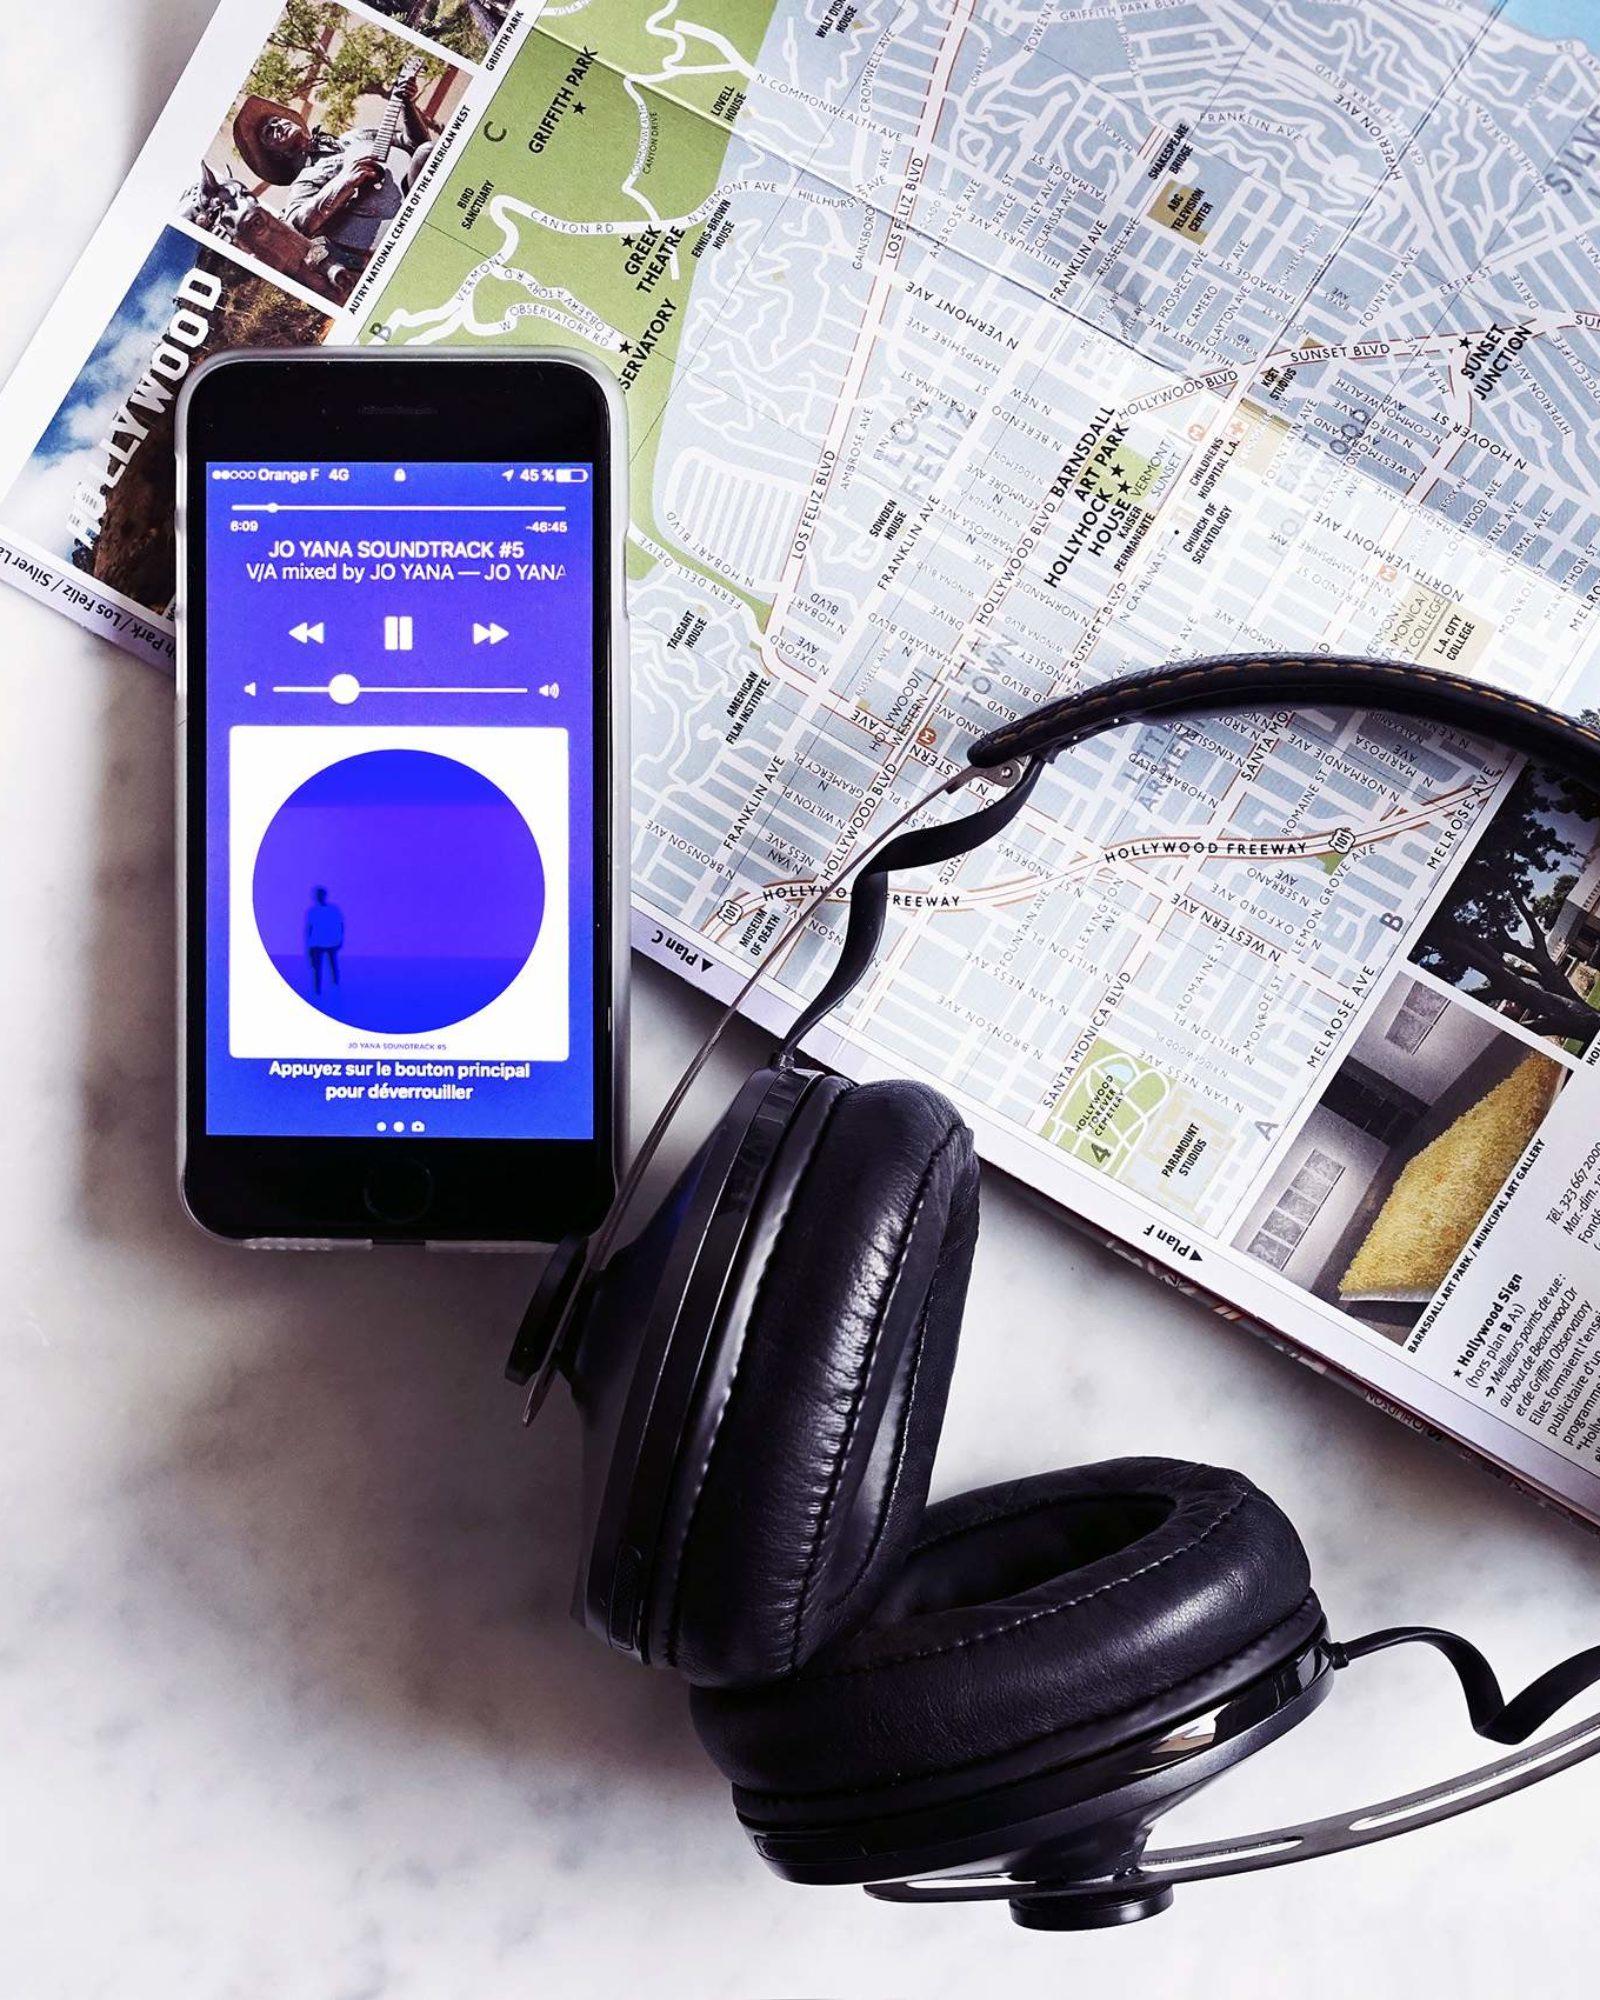 jo-yana-soundtrack-5-blog-music